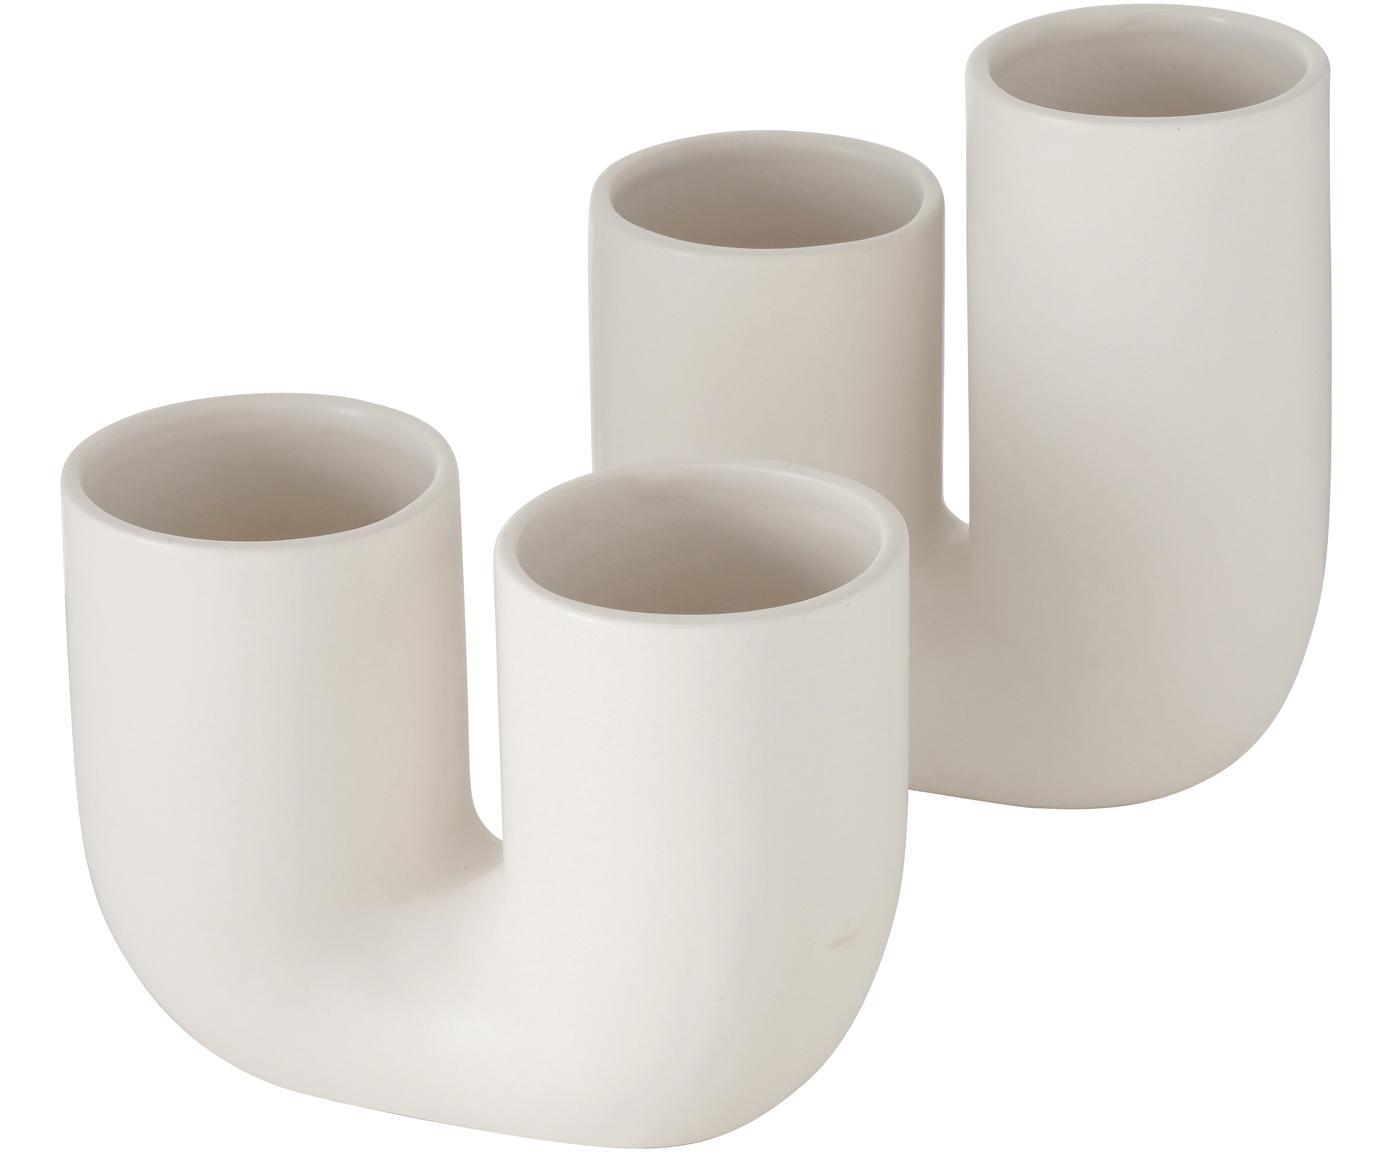 Set 2 vasi in terracotta Filicio, Terracotta, Bianco, Larg. 17 x Alt. 17 cm